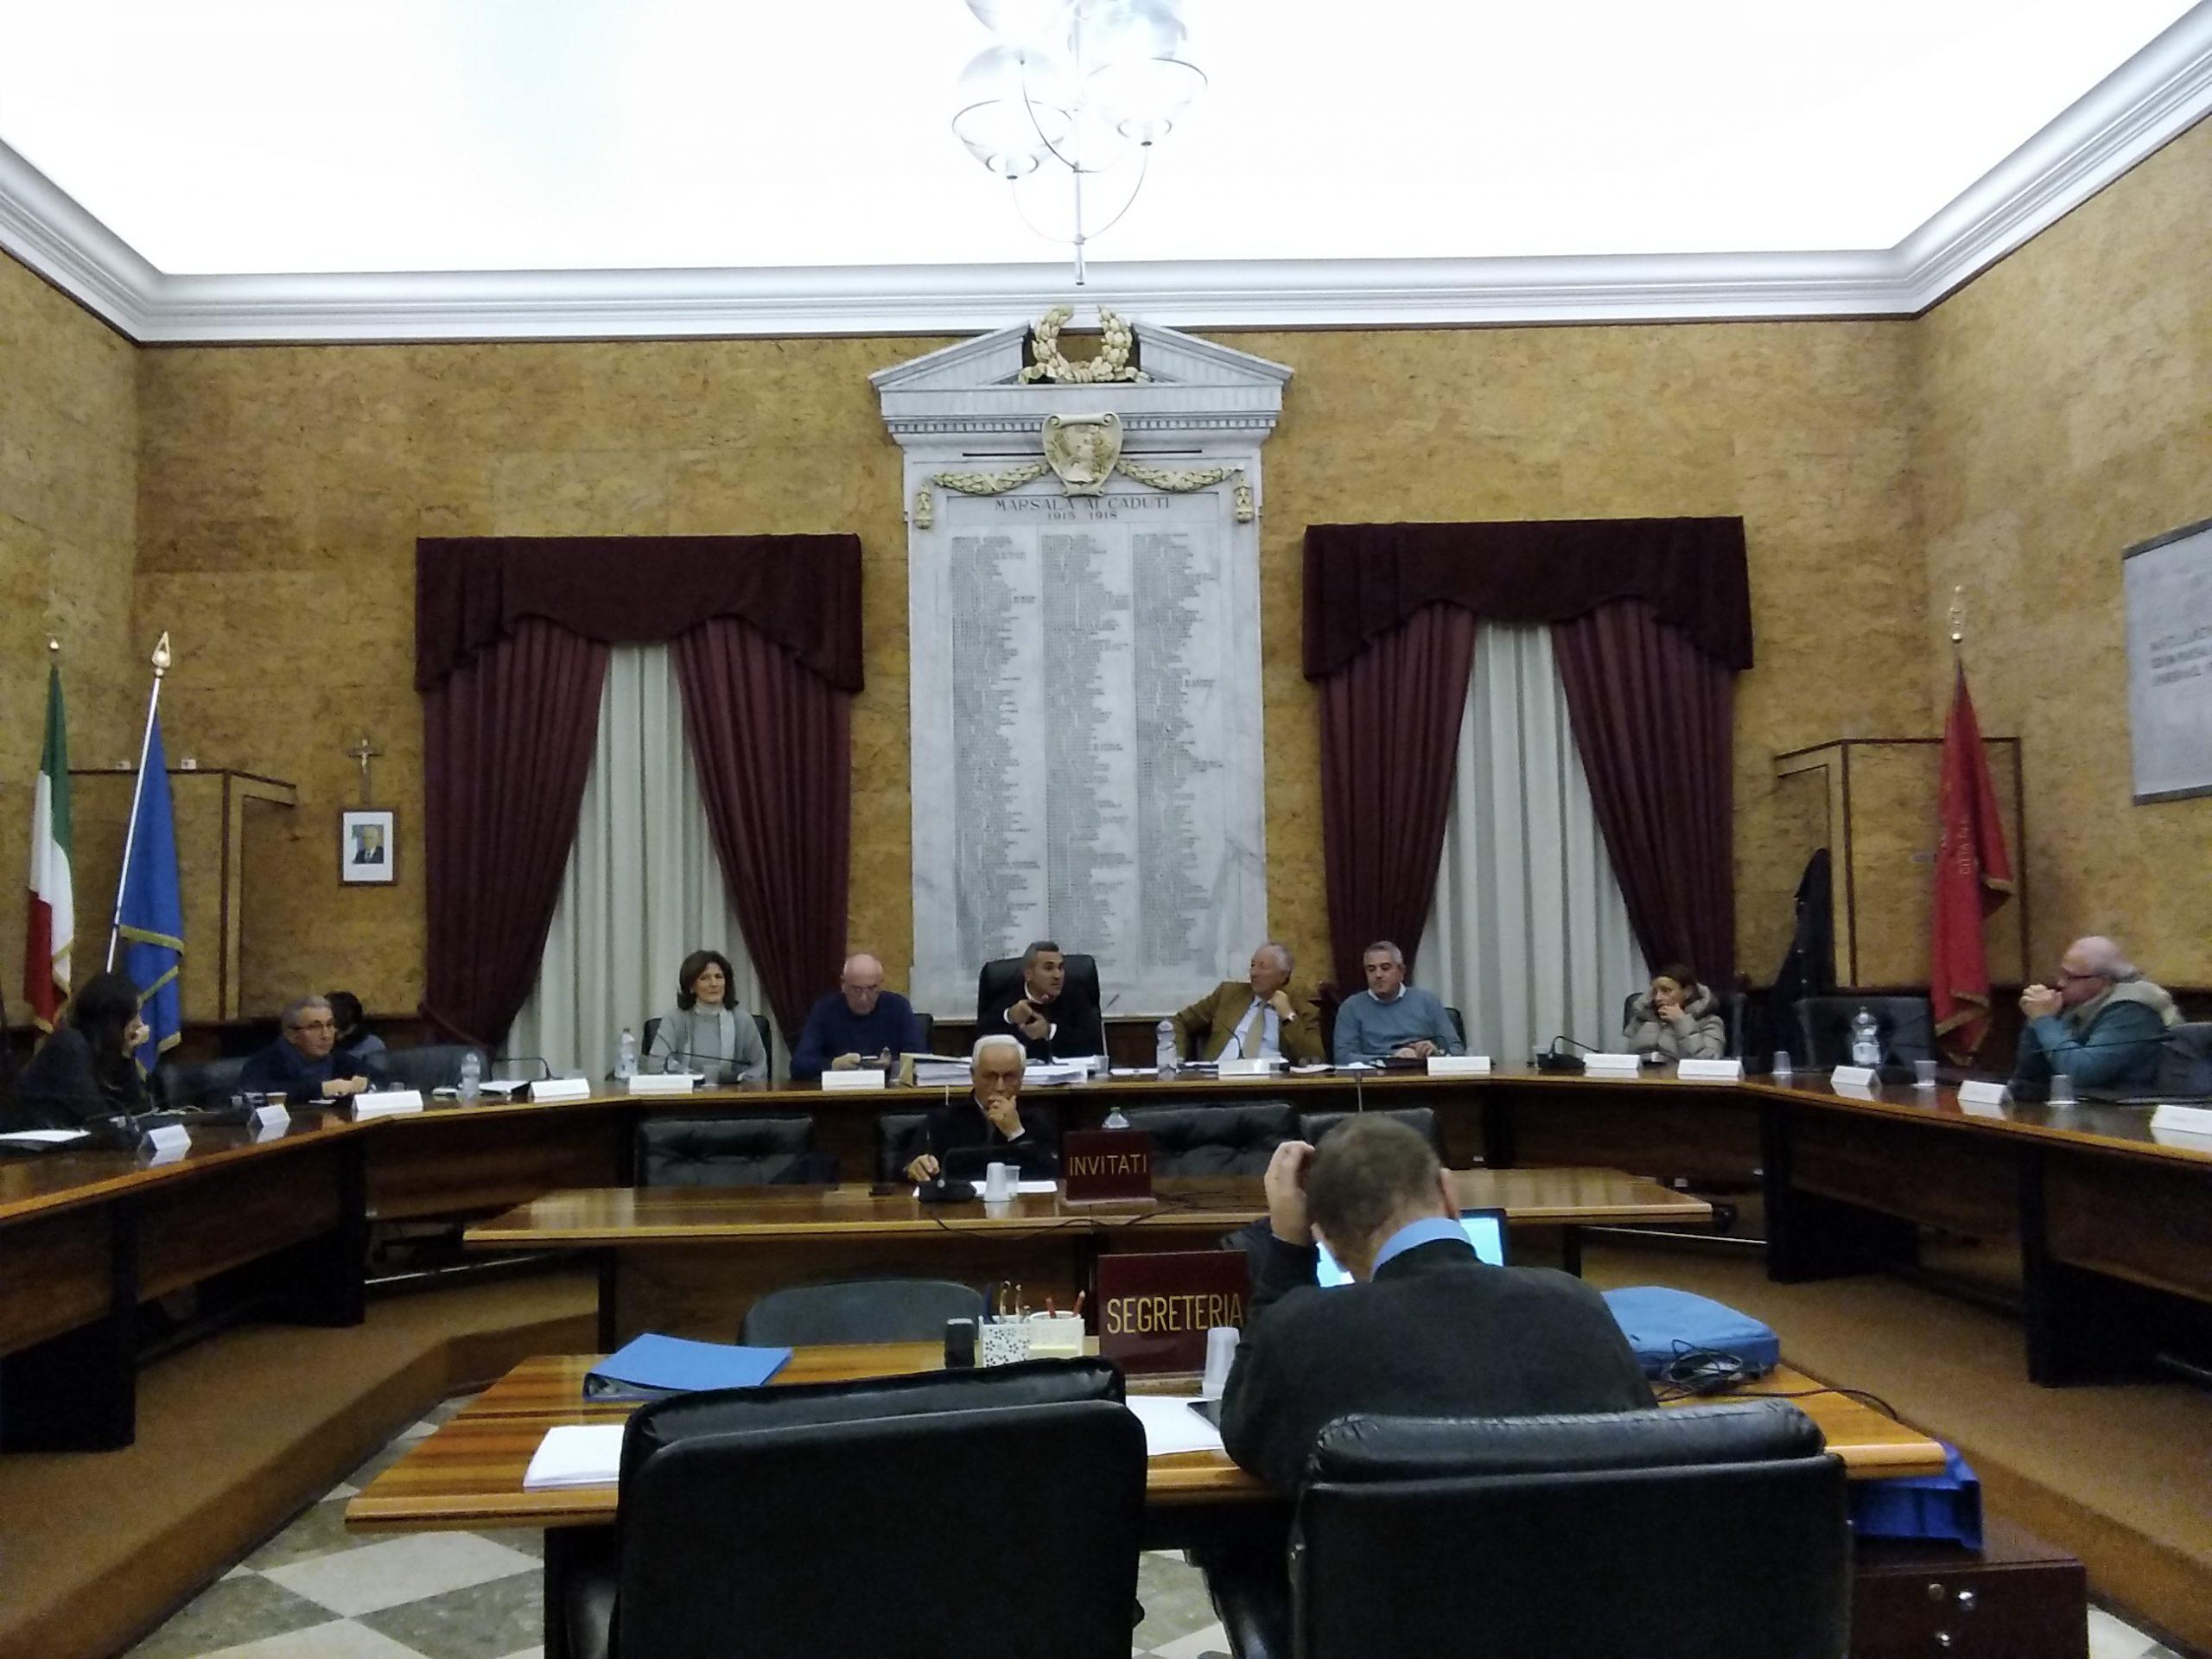 Prima seduta dell'anno del Consiglio comunale di Marsala: infuria la polemica su una stradella illuminata in contrada Cardilla